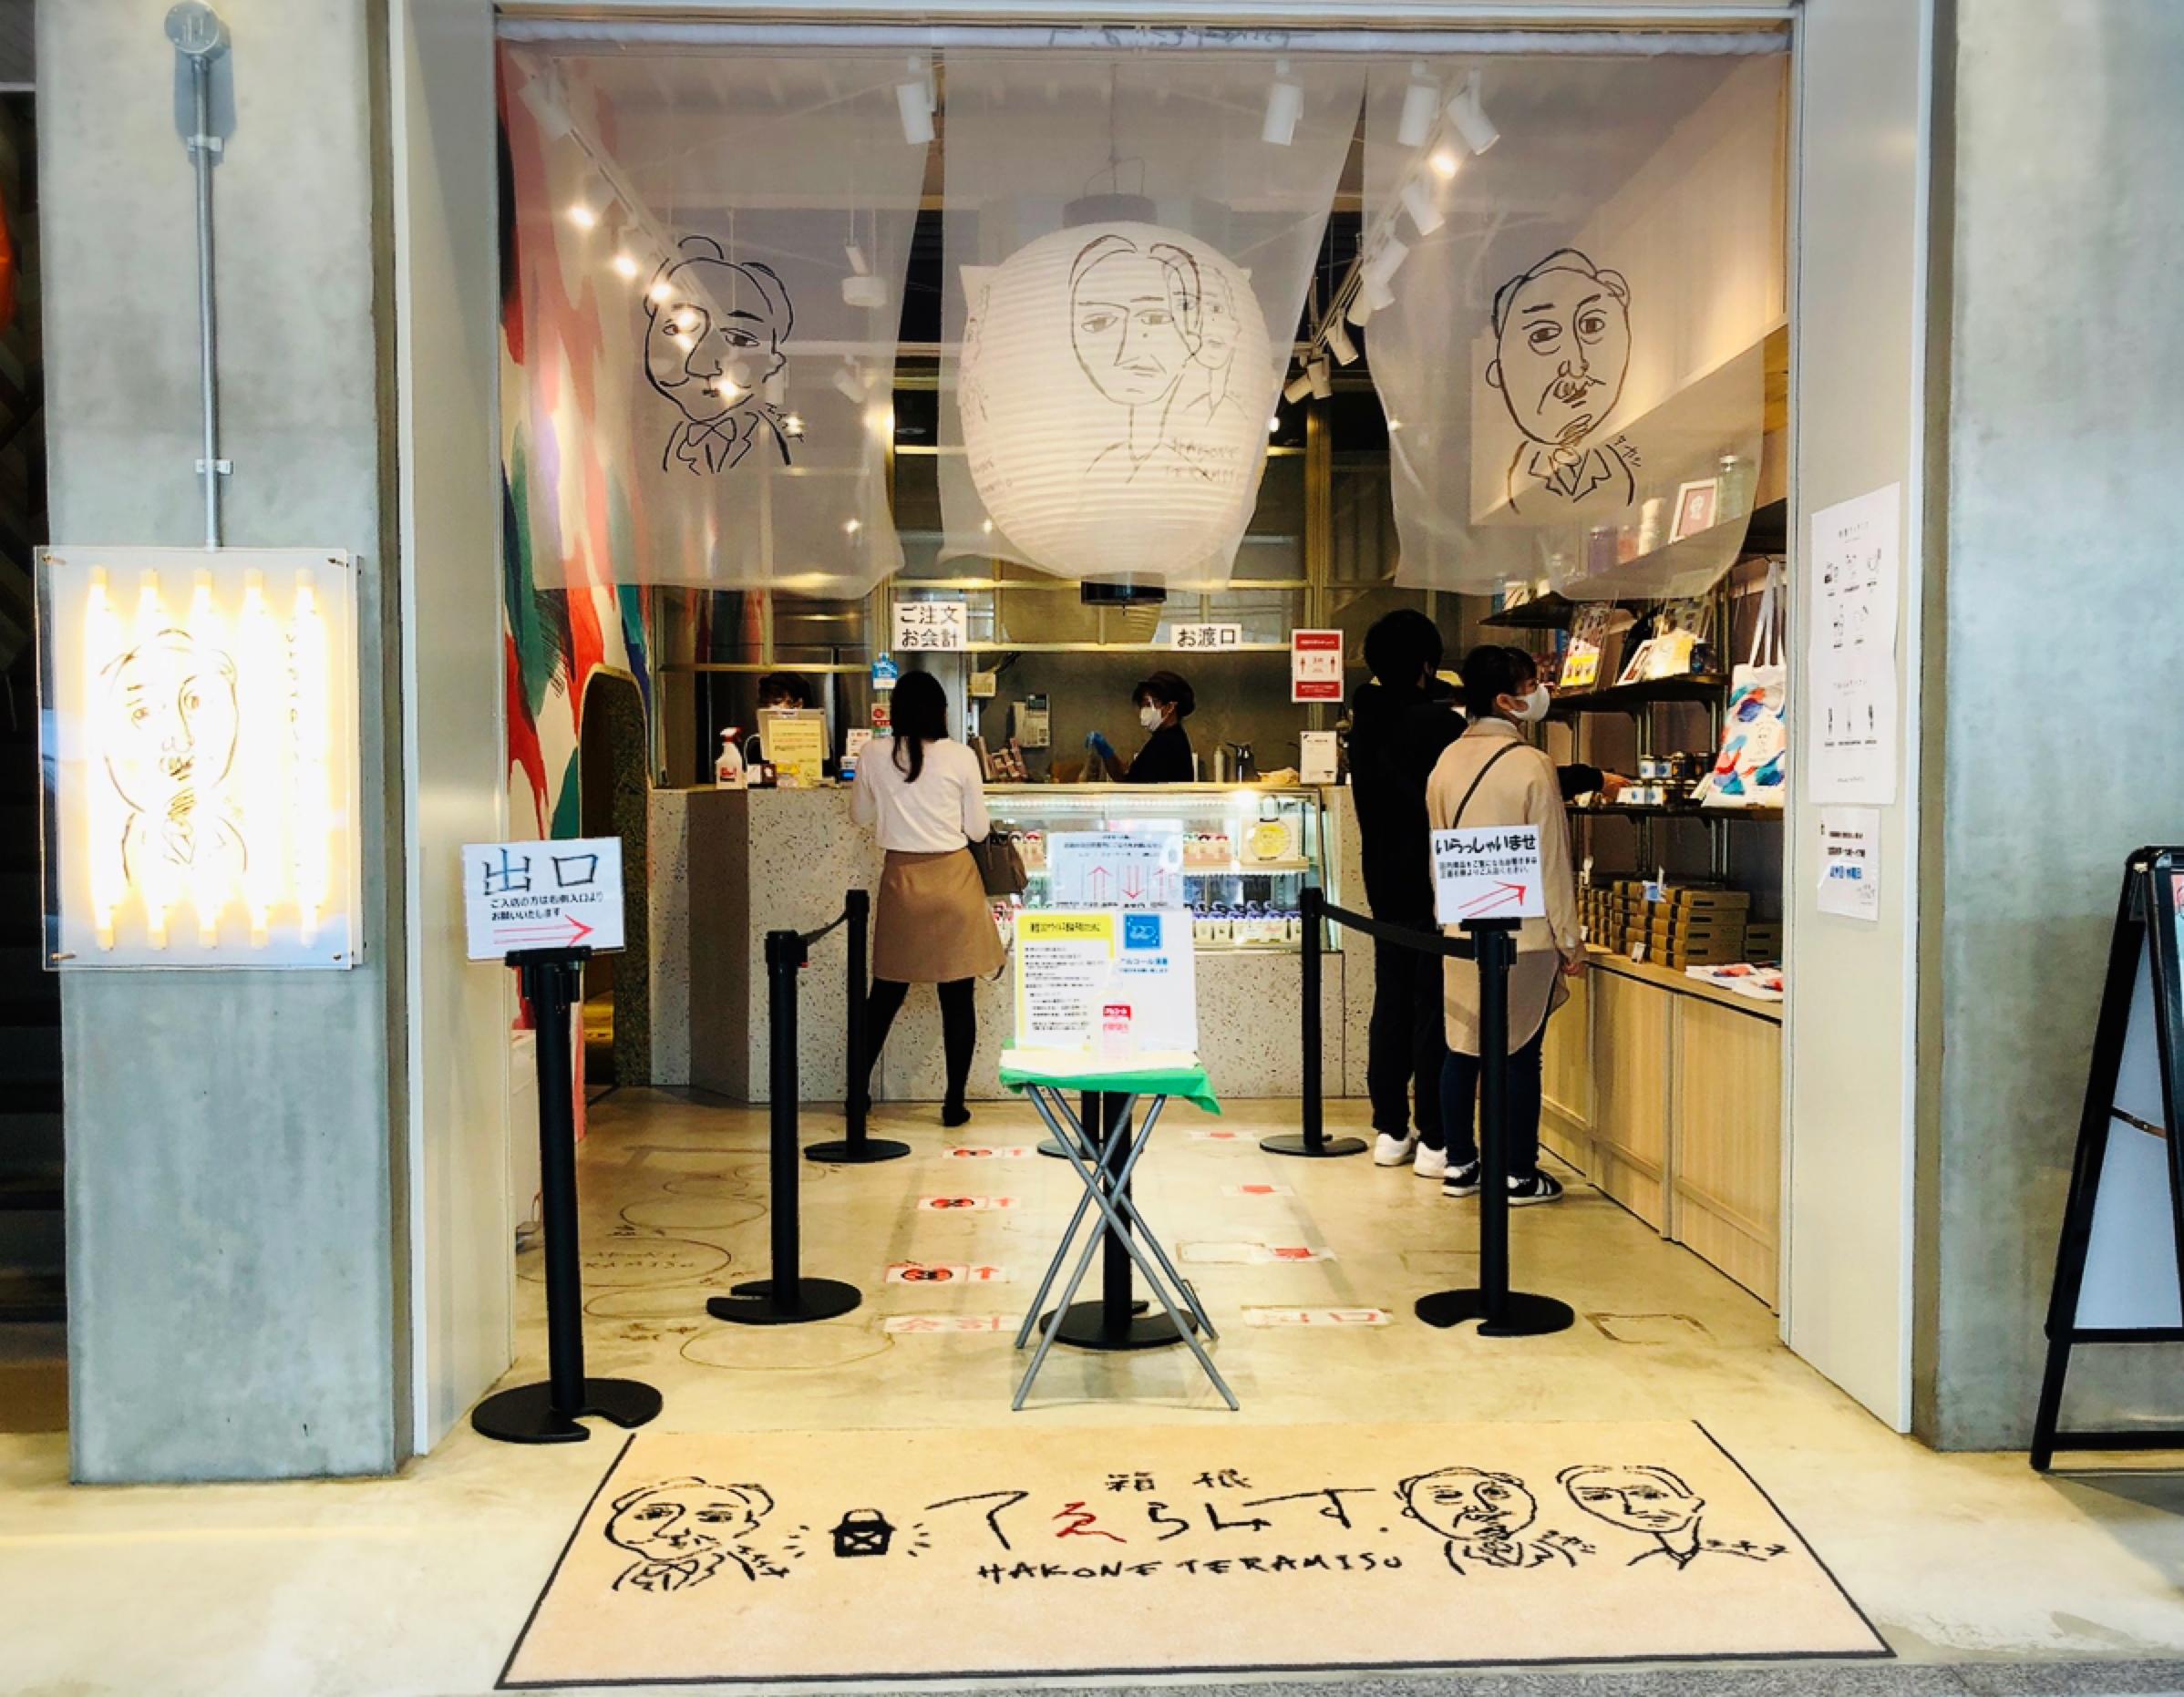 【#箱根】2020年夏OPENのティラミス専門店♡箱根湯本の注目新スポットはココ!《箱根てゑらみす》_1